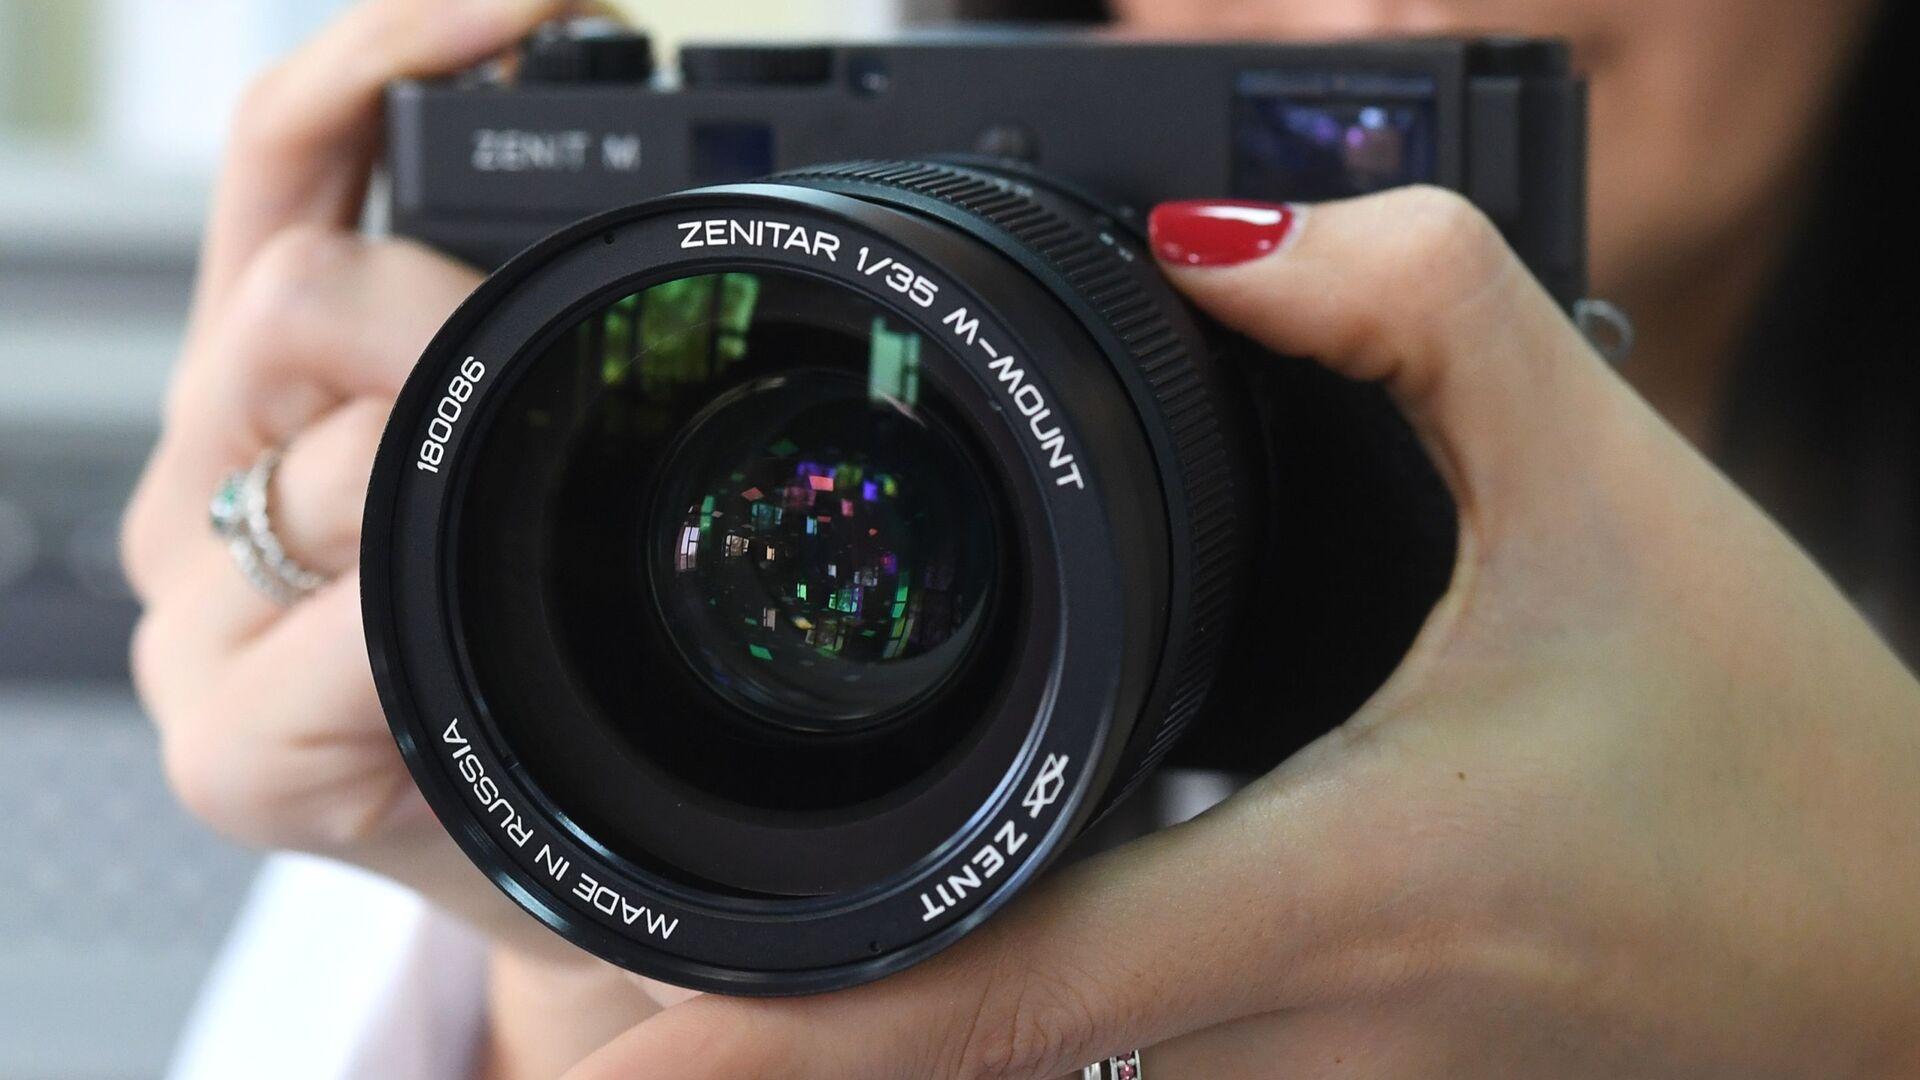 Производство отечественной цифровой фотокамеры Зенит-М - РИА Новости, 1920, 15.01.2019